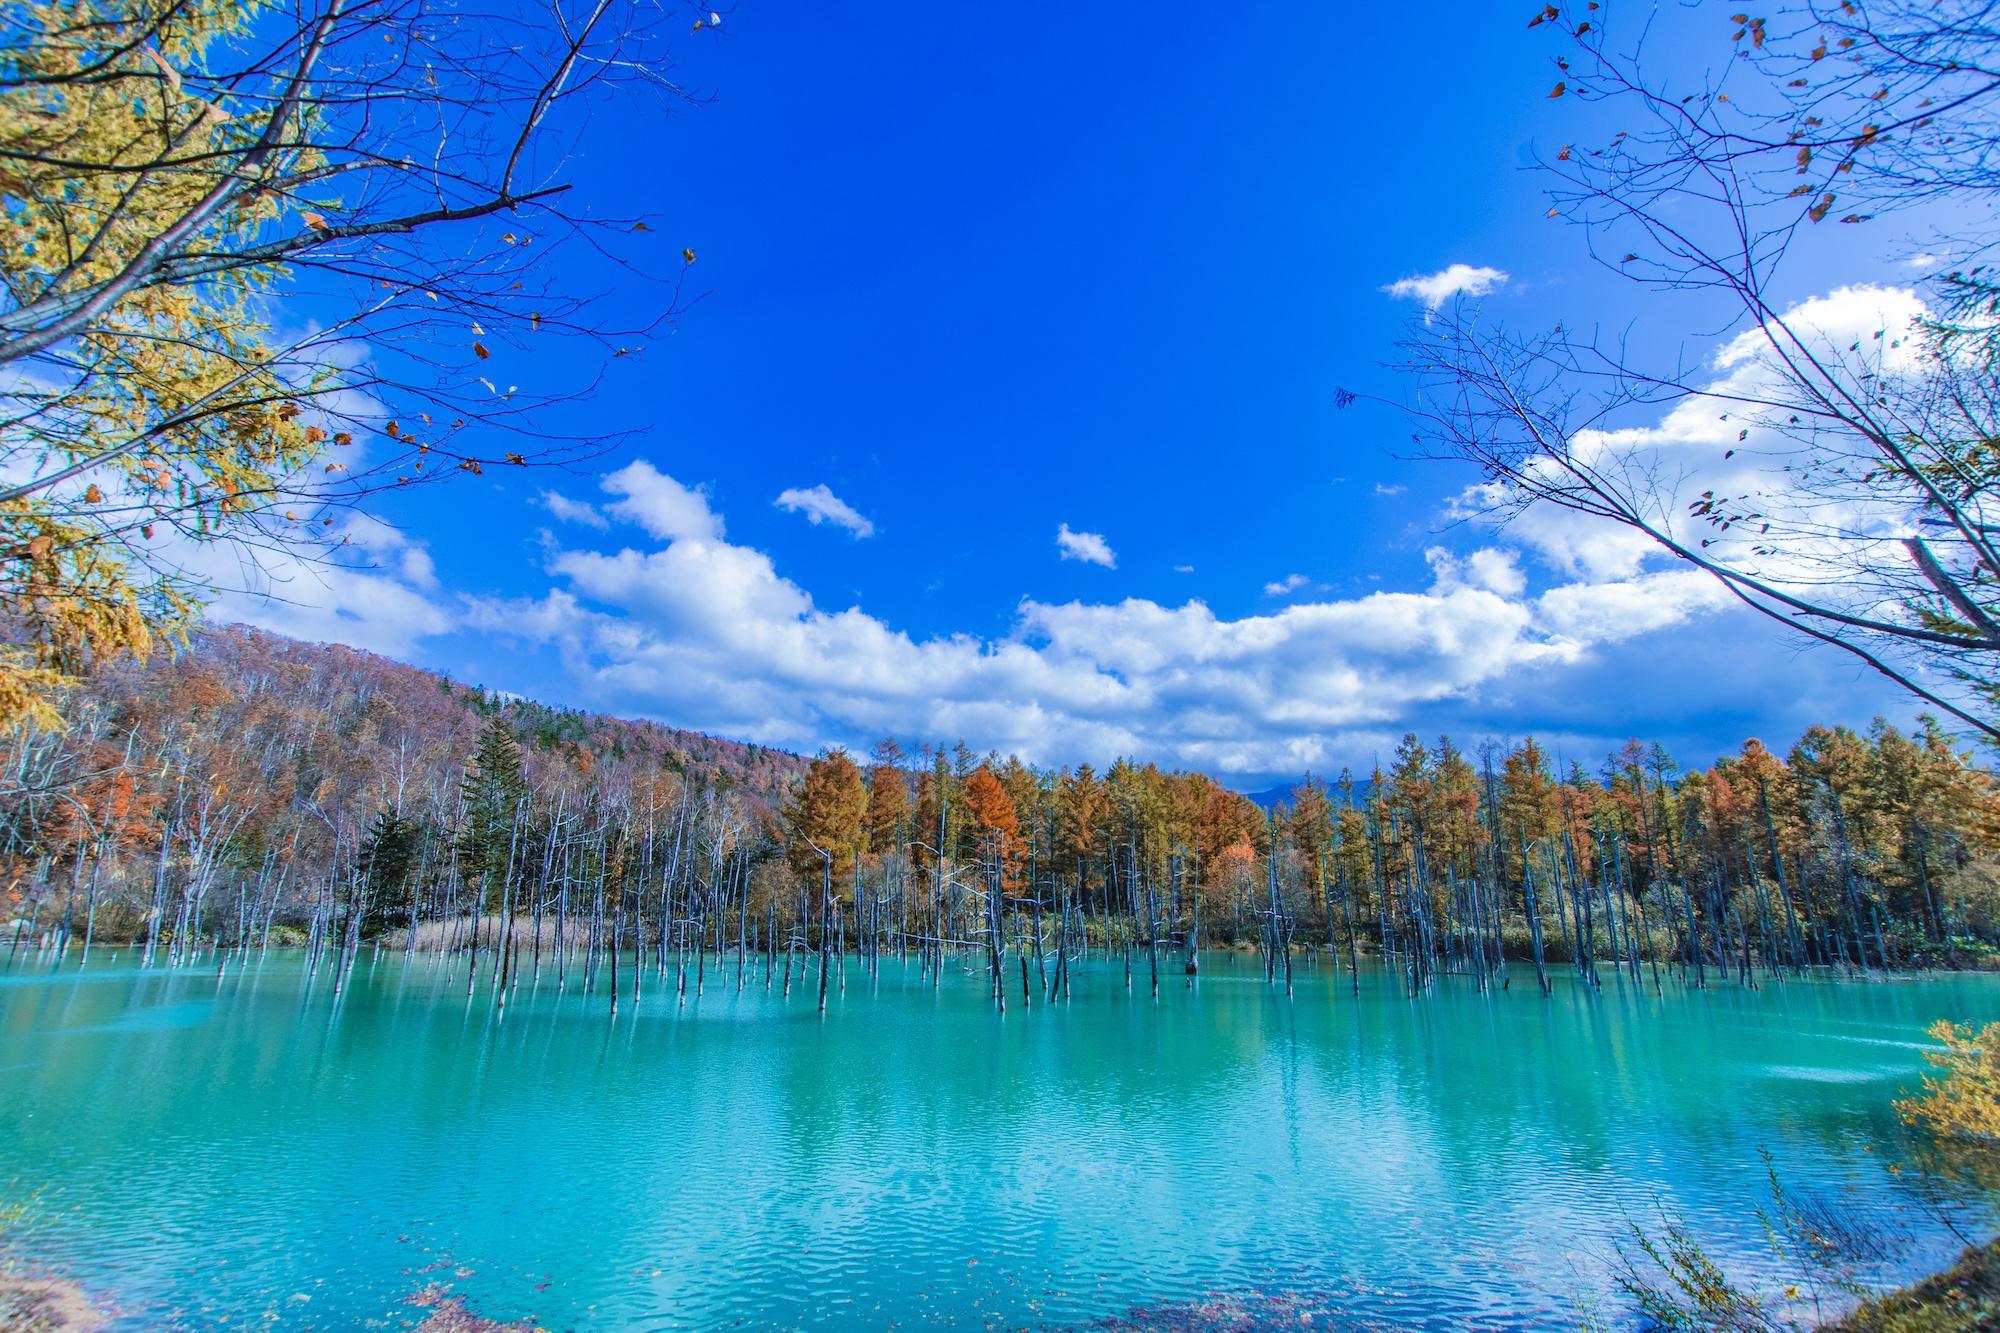 魅惑的人造湖「青池」